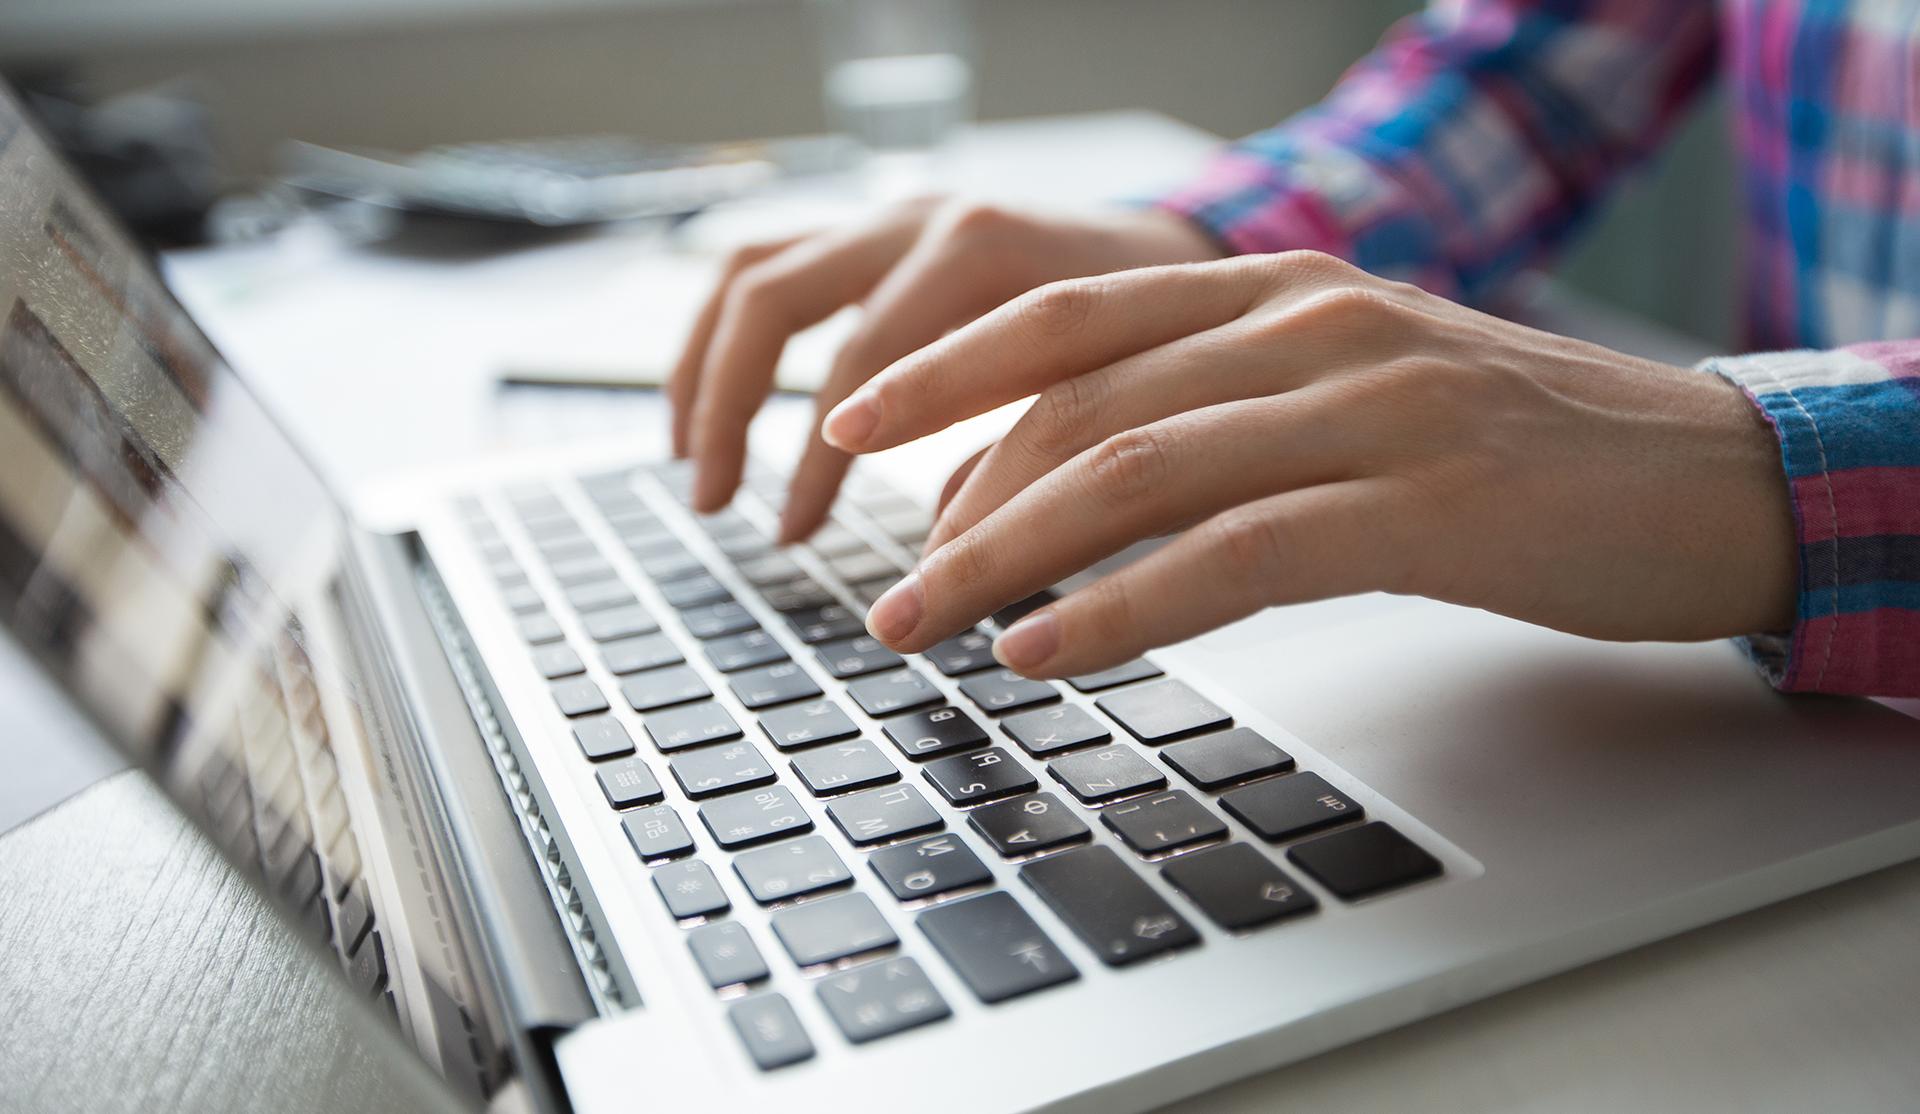 primer plano manos de mujer escribiendo en teclado